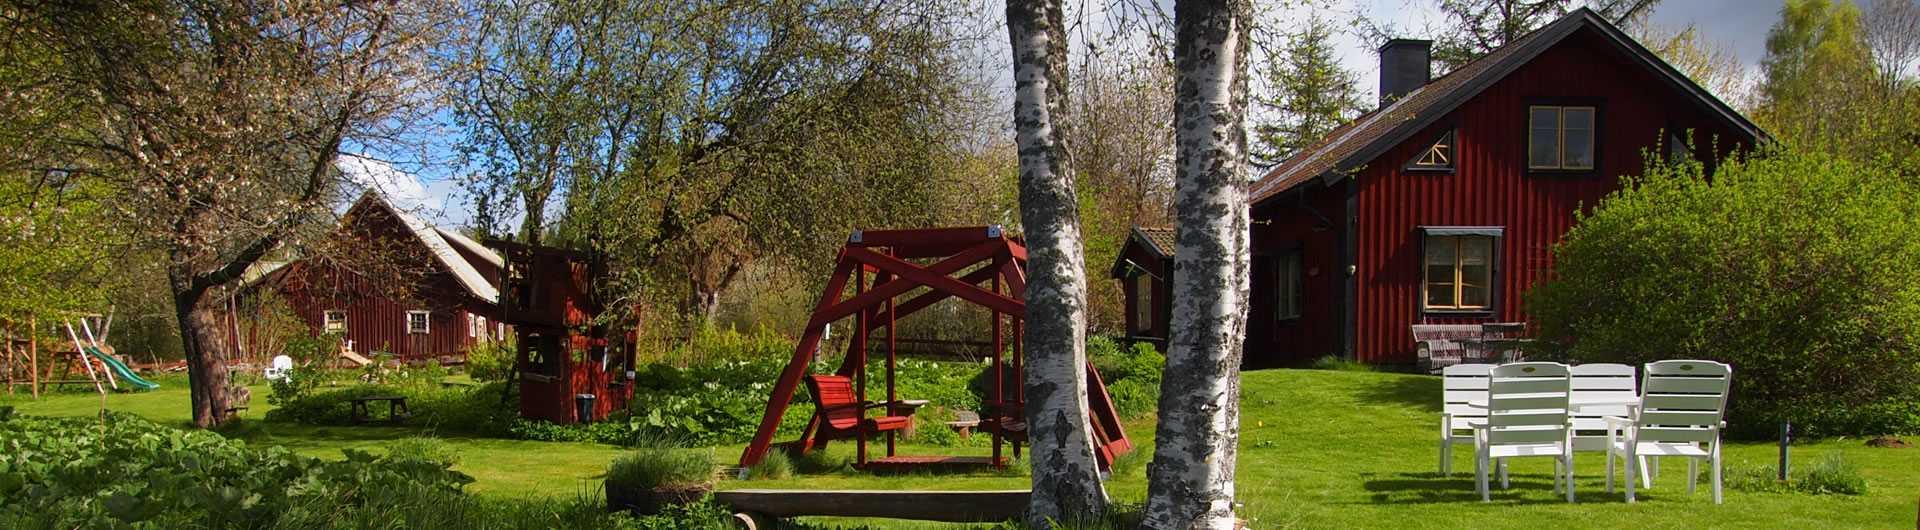 ferienhaus angeln kanu urlaub in schweden smaland. Black Bedroom Furniture Sets. Home Design Ideas